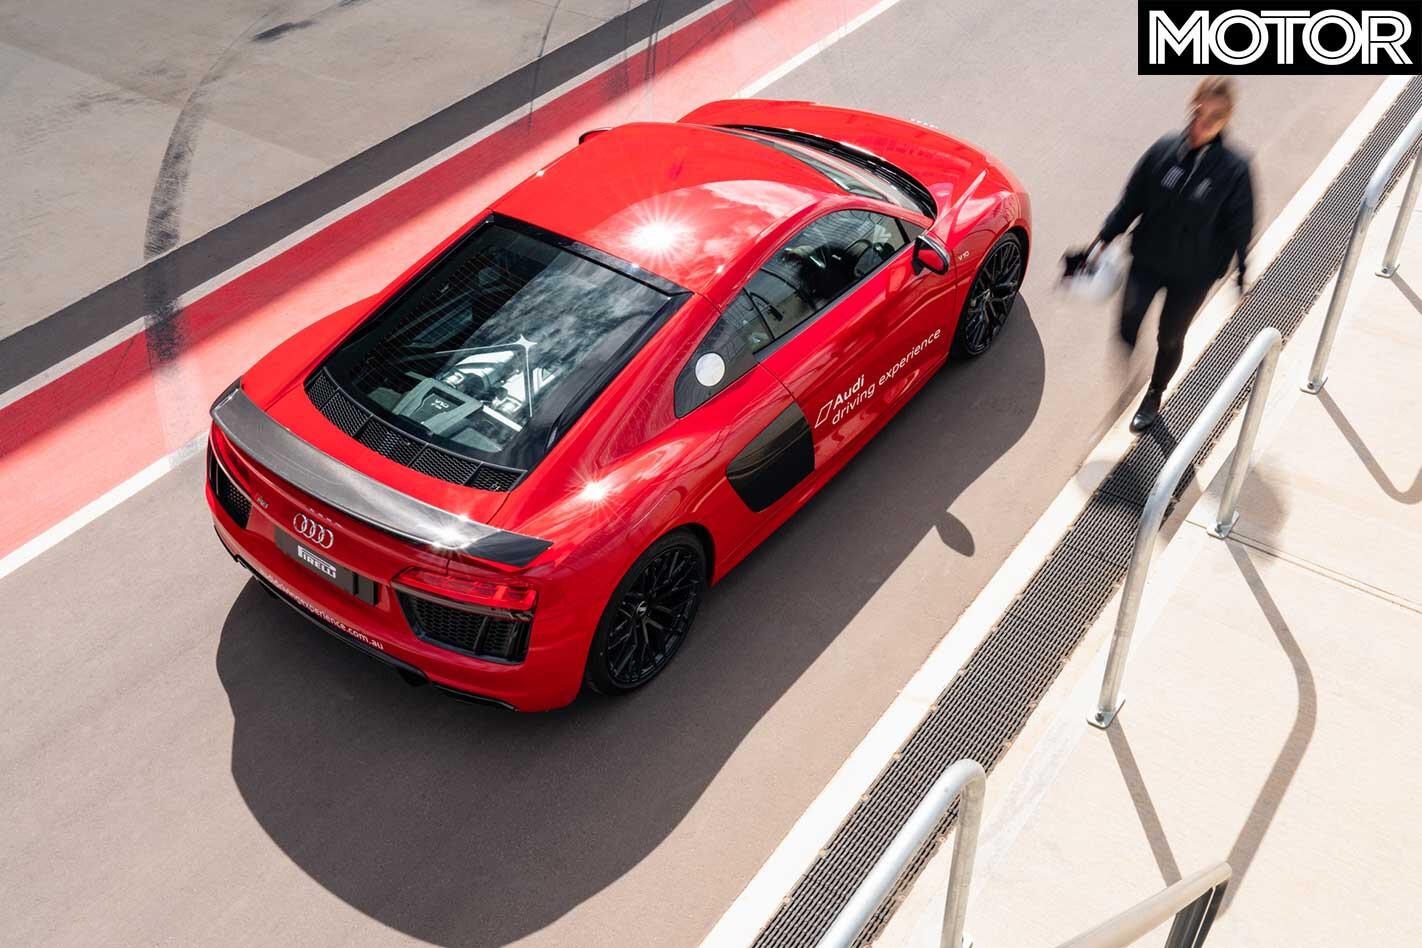 Audi R 8 V 10 Plus Pit Lane Top Jpg